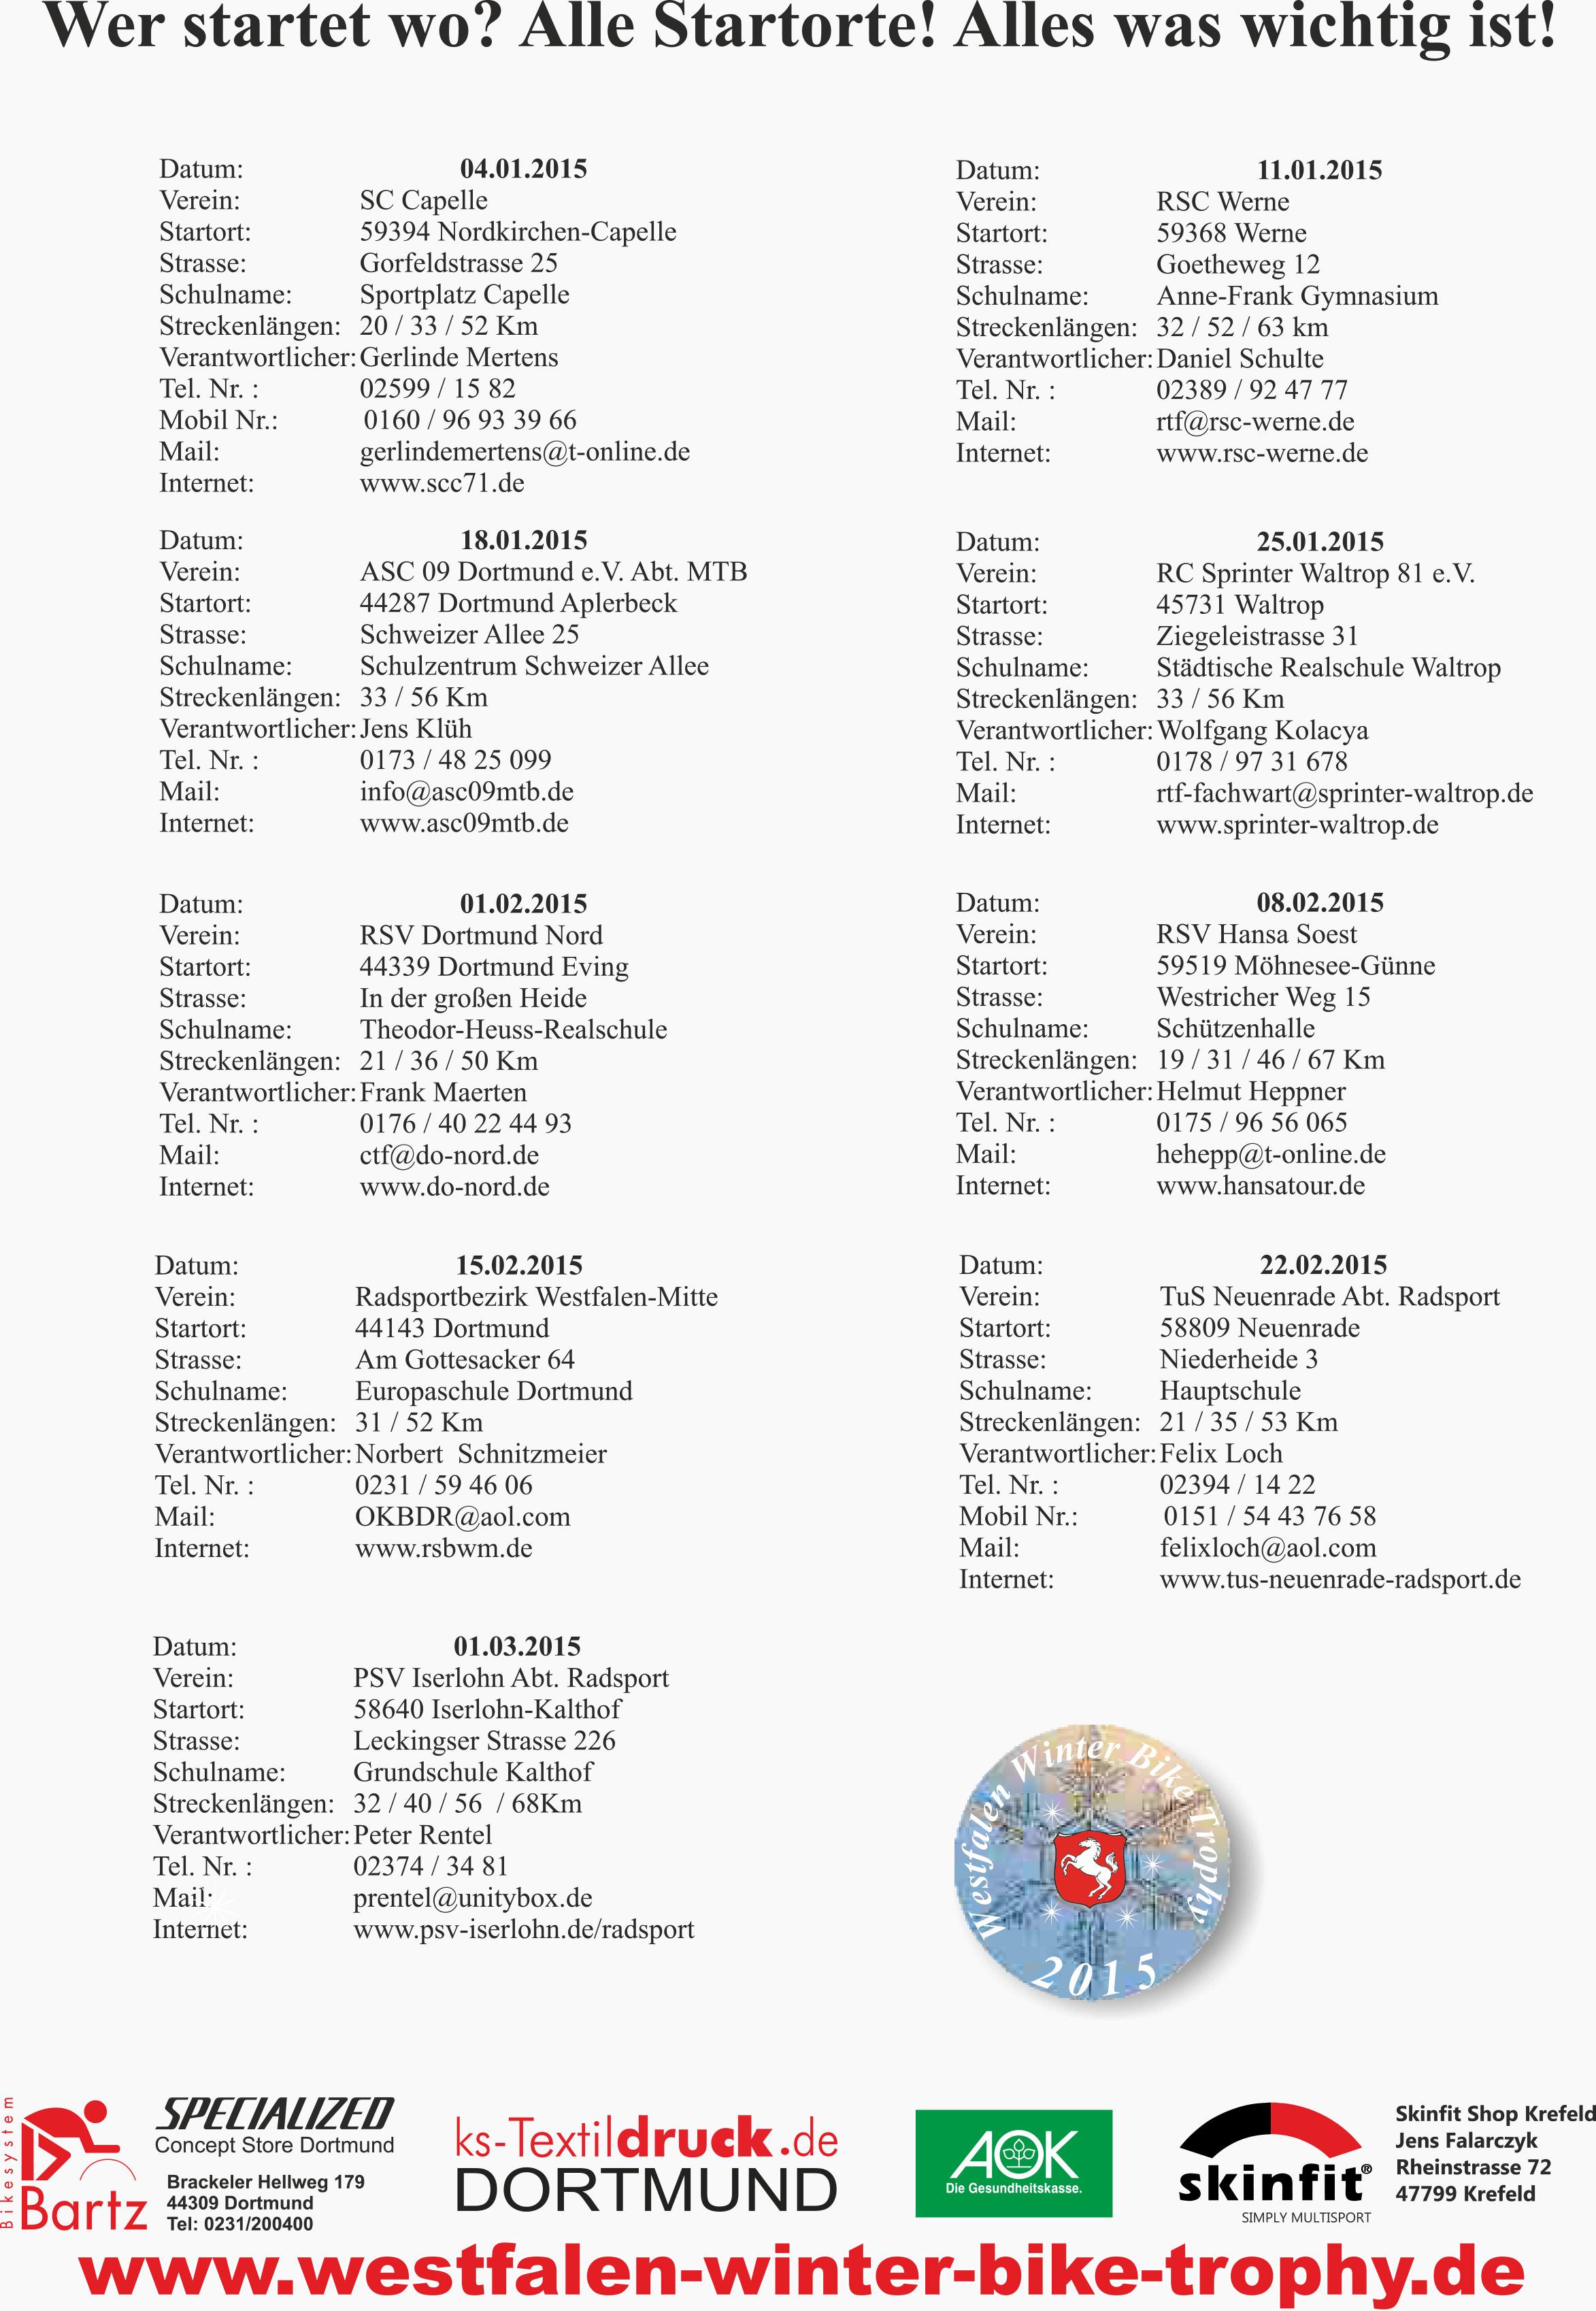 WWBT2015-Startortübersicht